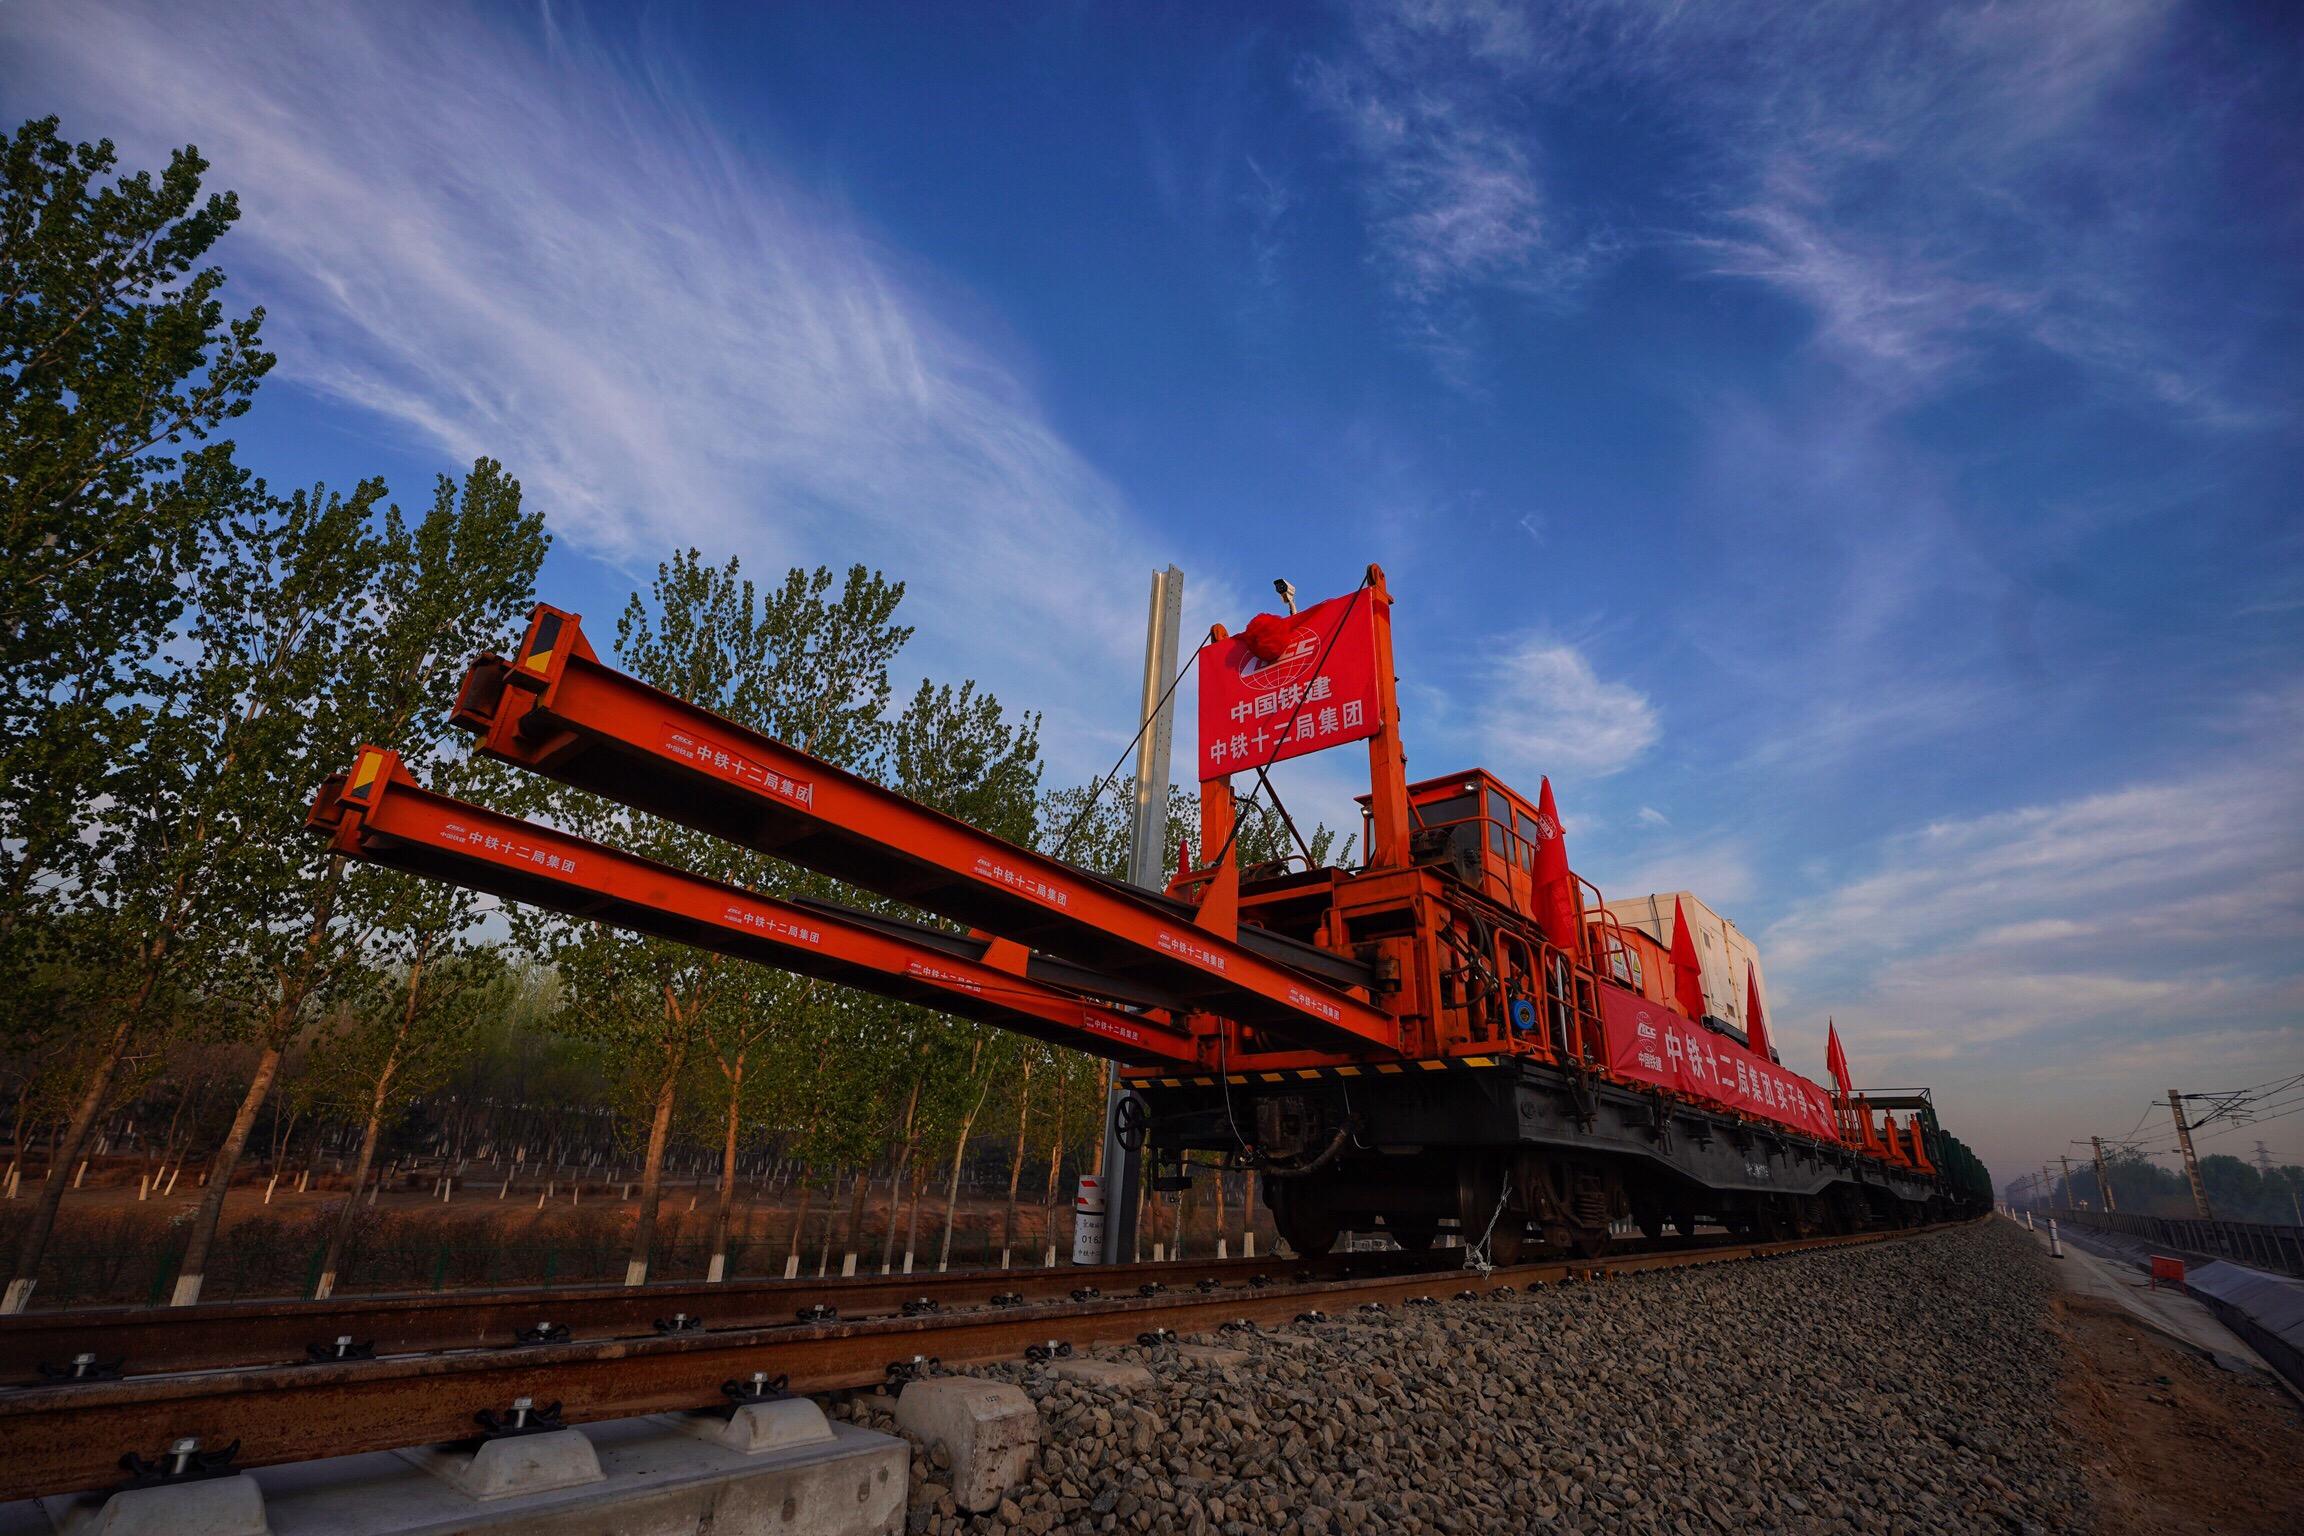 京雄都市間鉄道、中国のスマート化高速鉄道建設の新モデルに